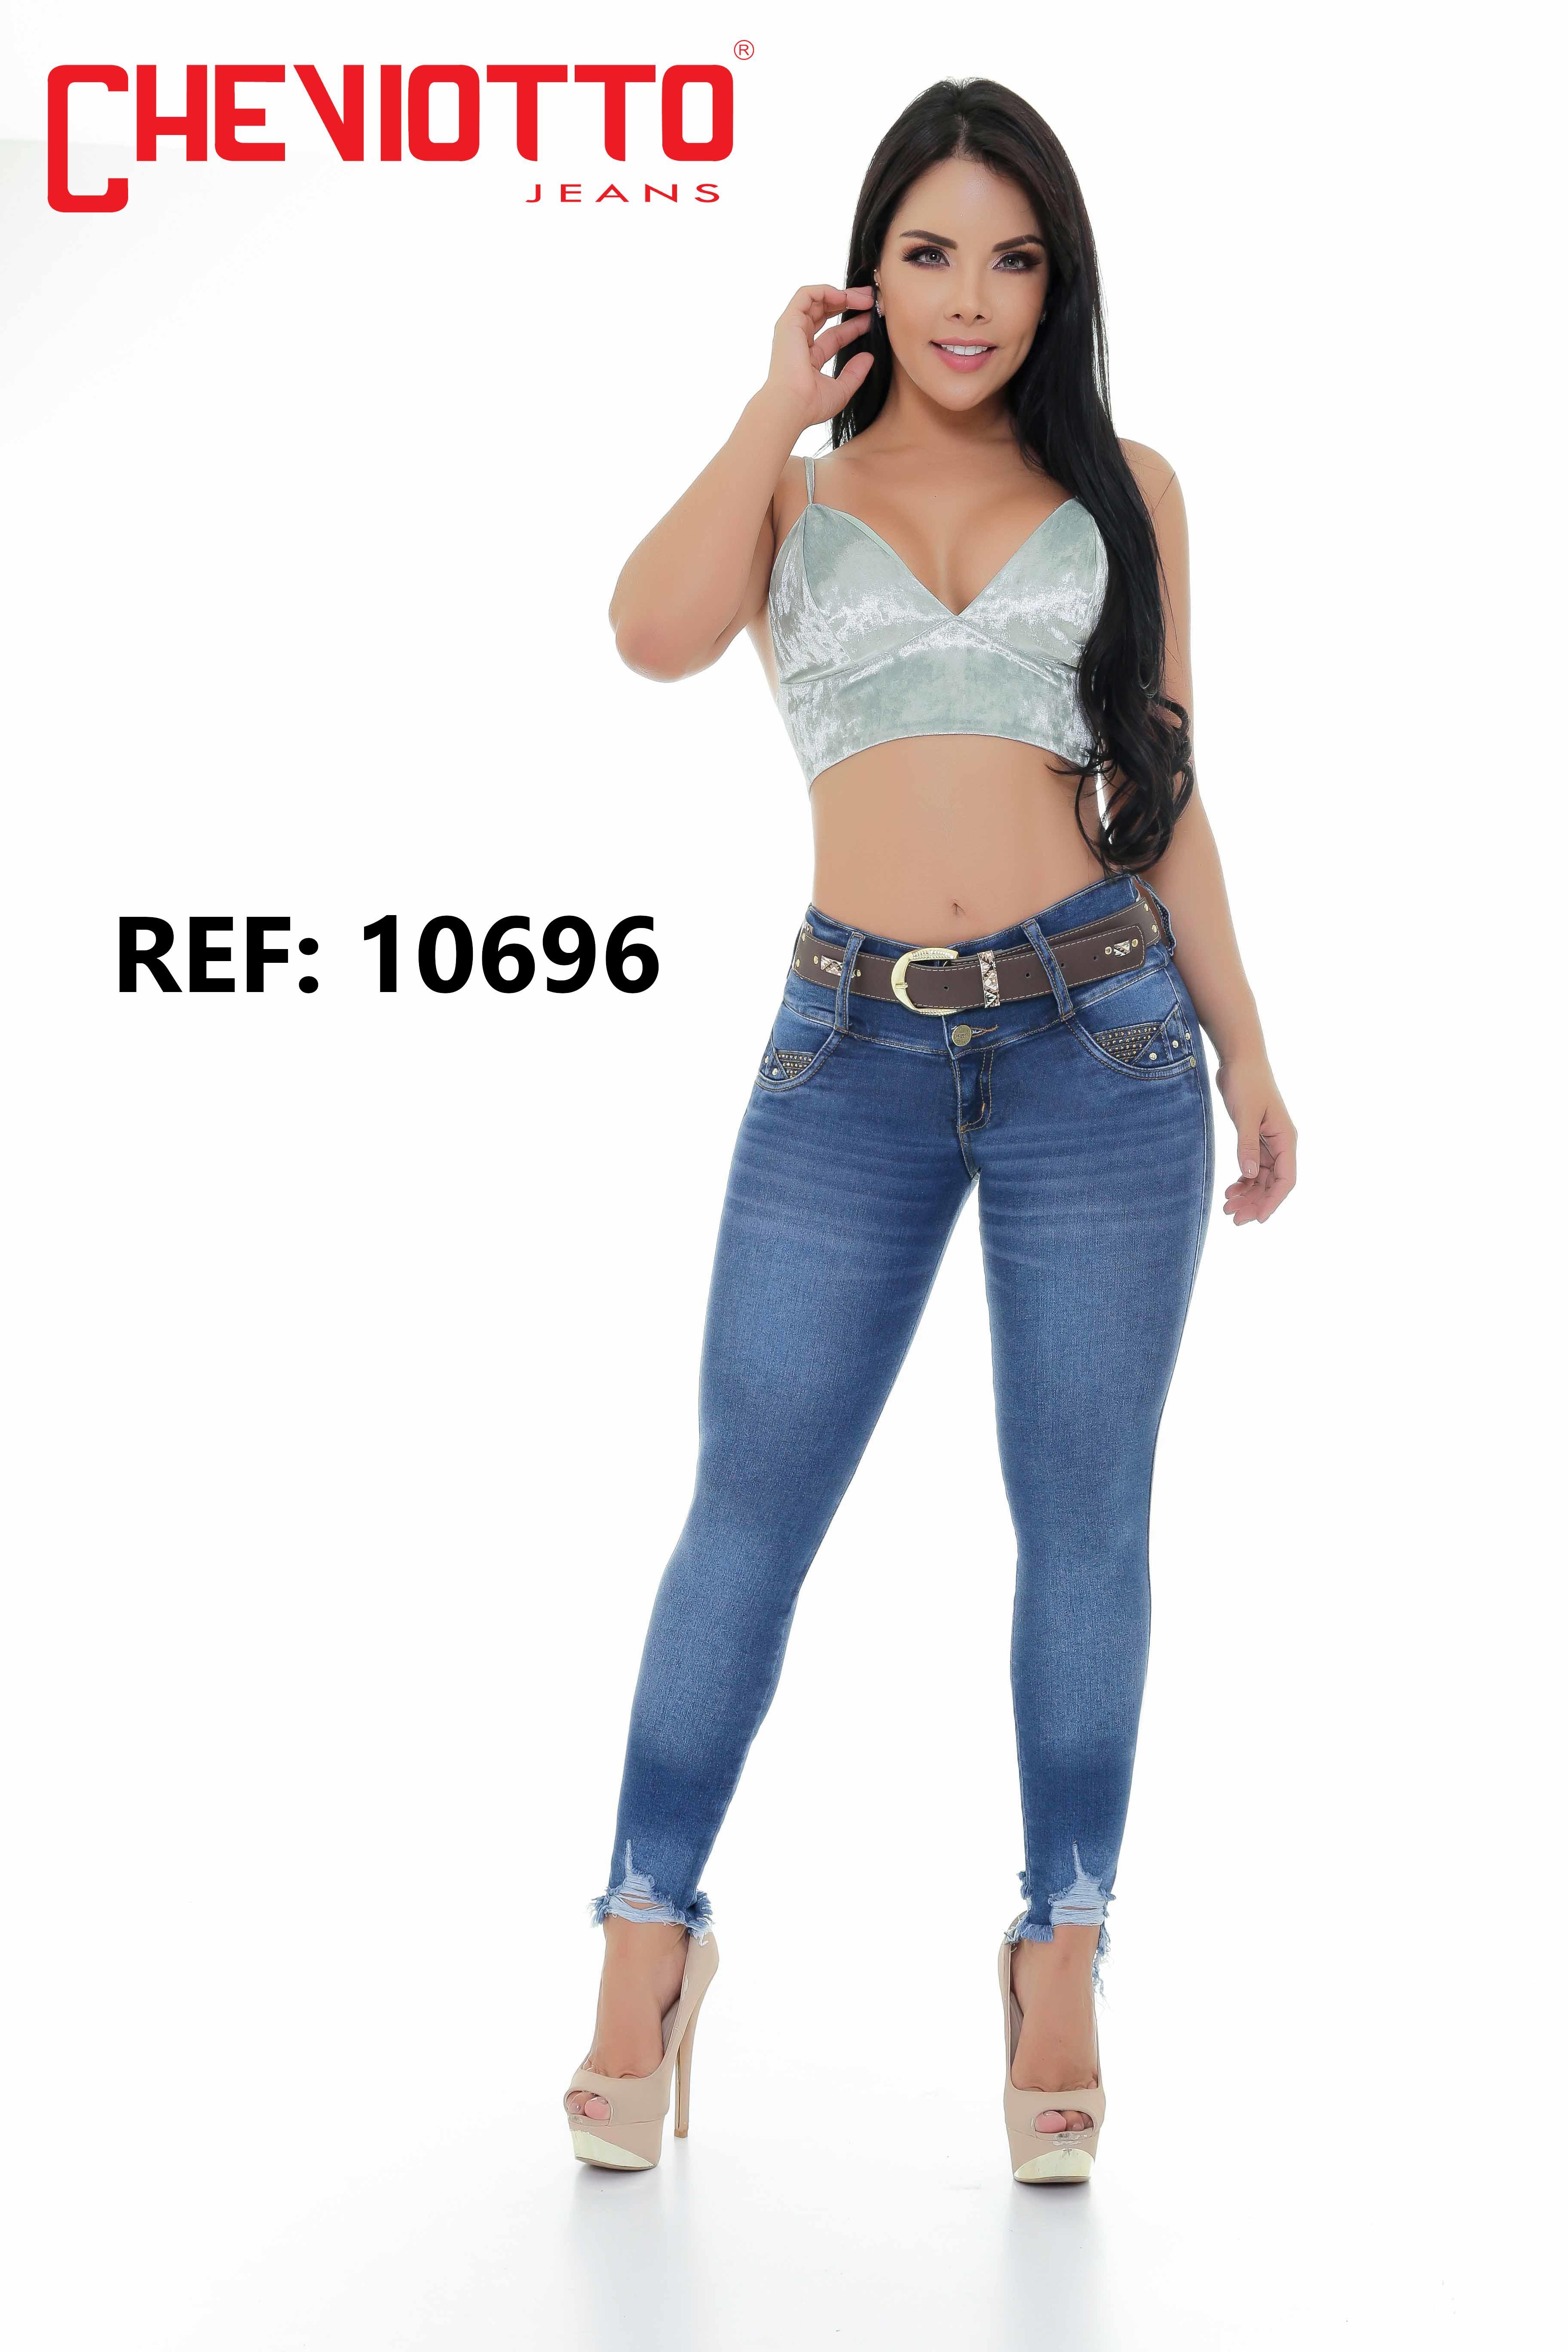 Colombian jeans stylized